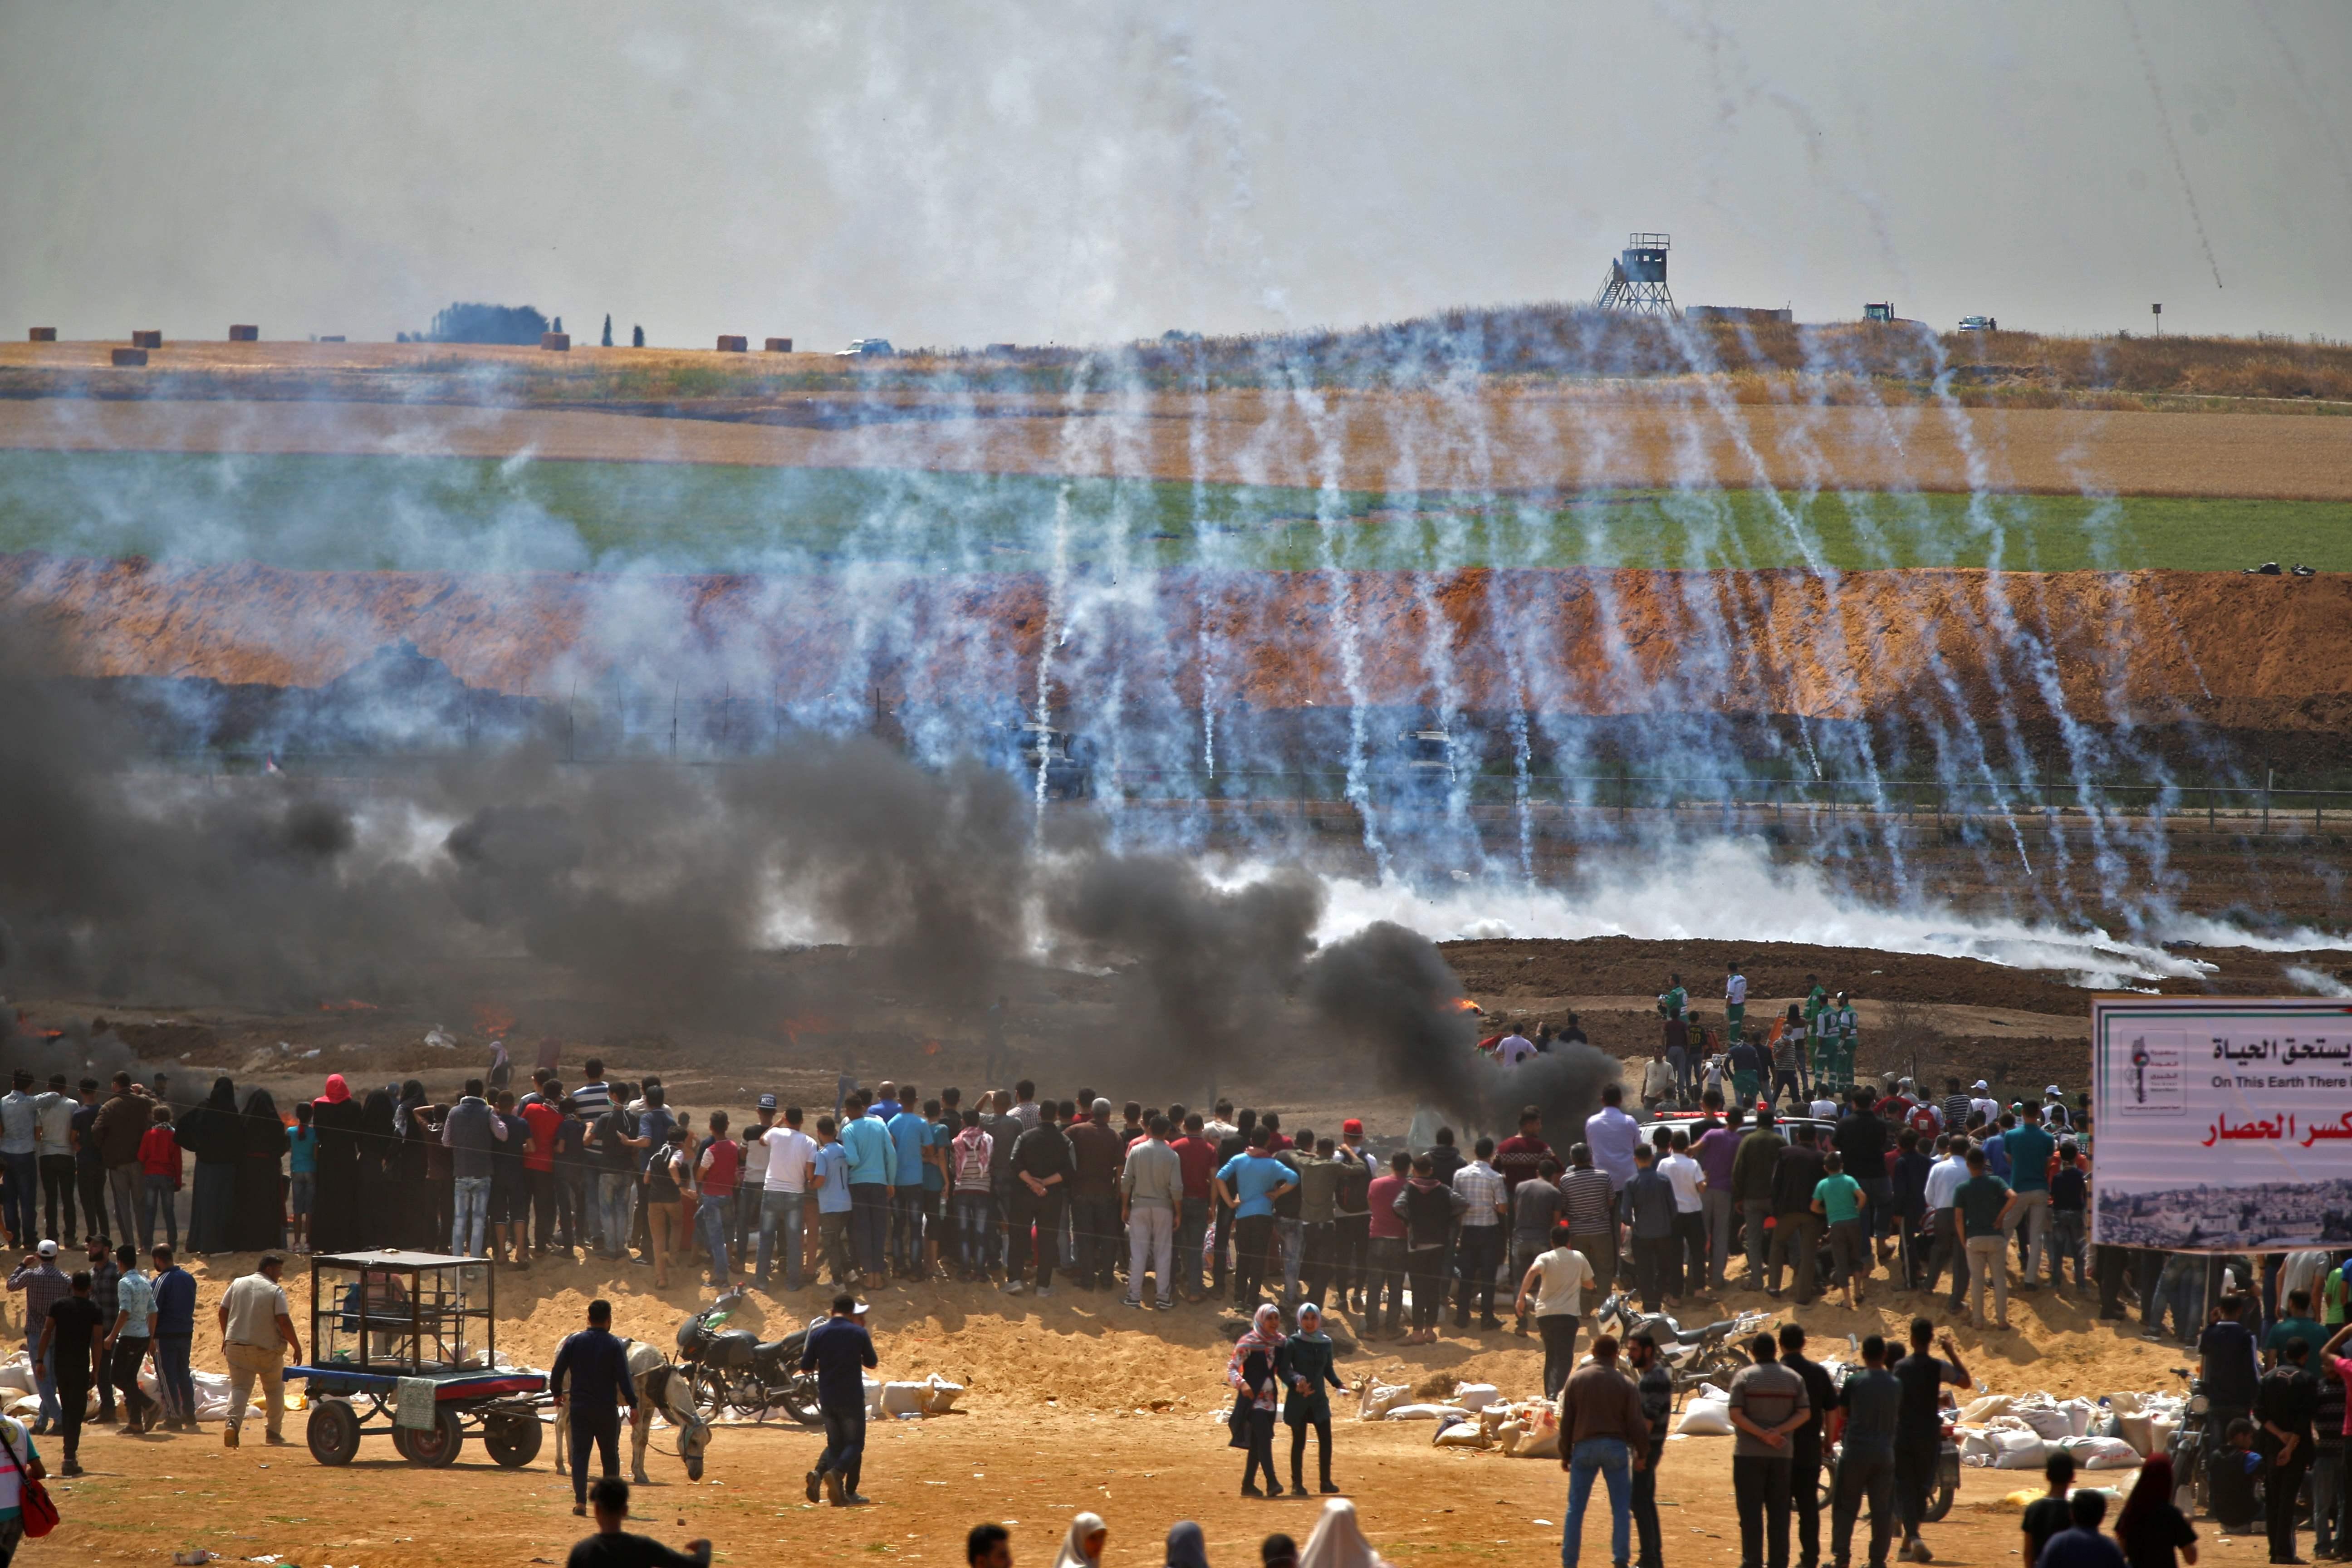 قوات الاحتلال تمطر الفلسطينيين بقنابل الغاز فى غزة